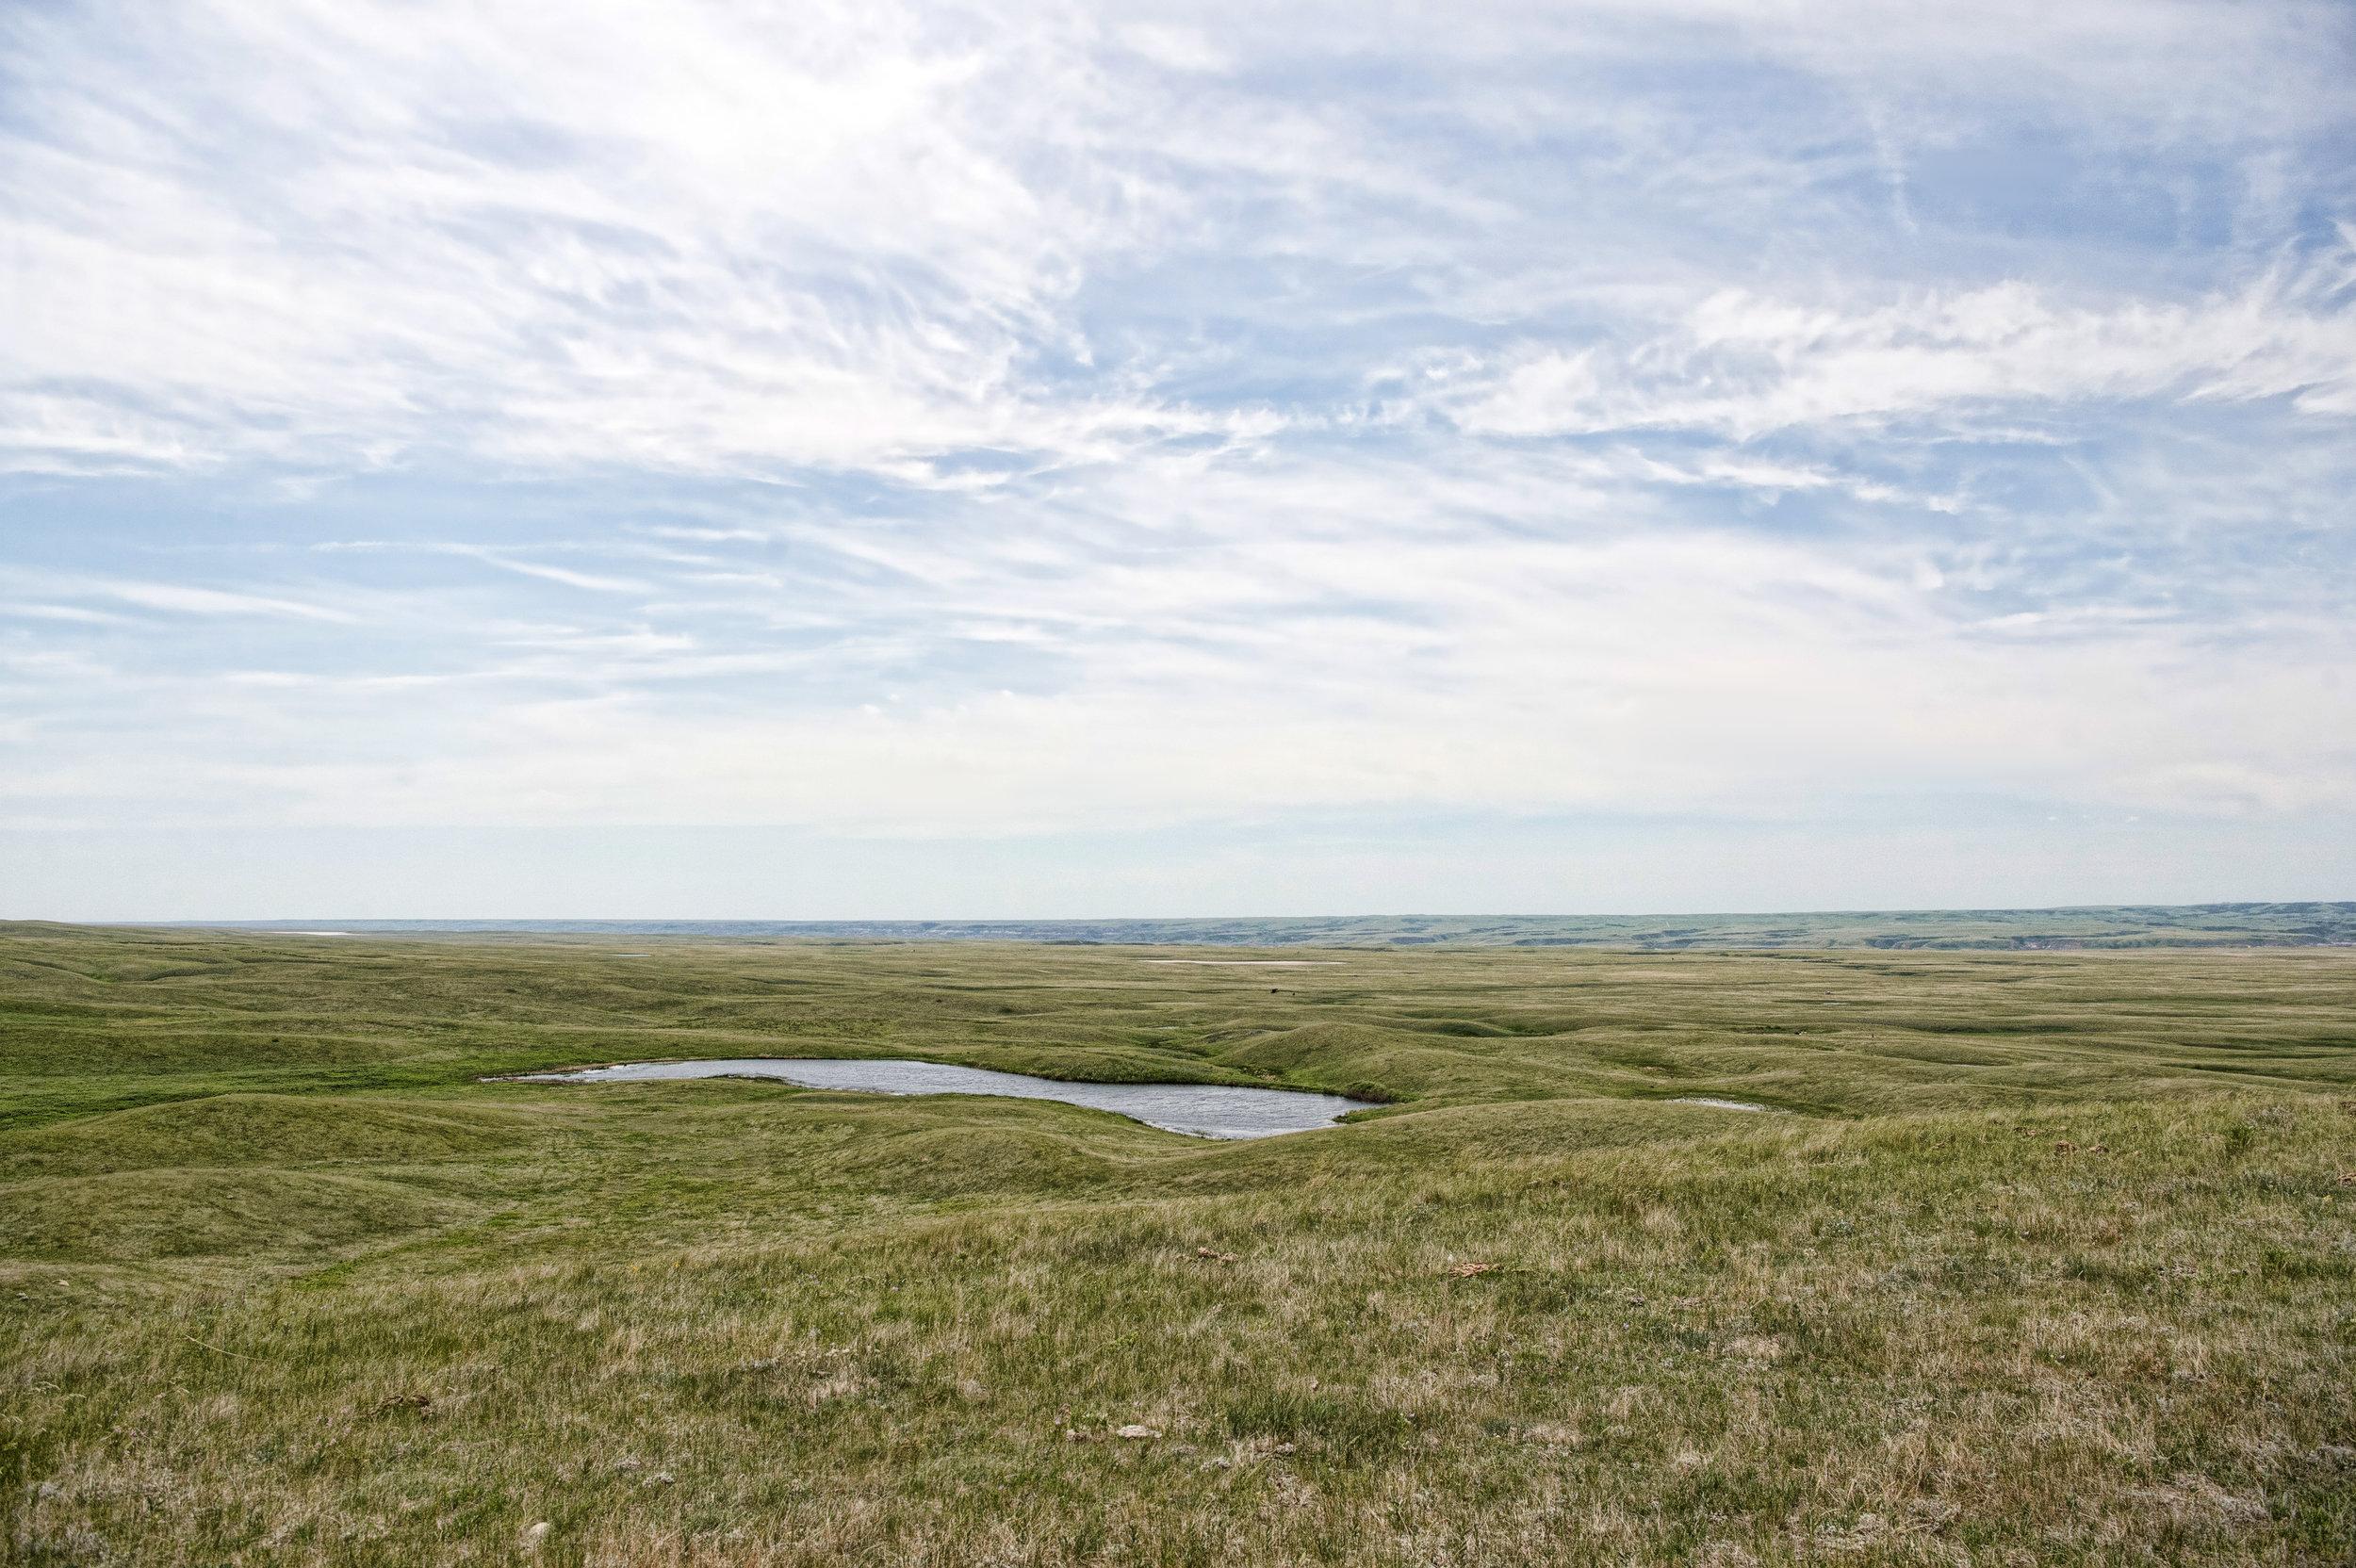 Pasture at Fish Lake Ranch